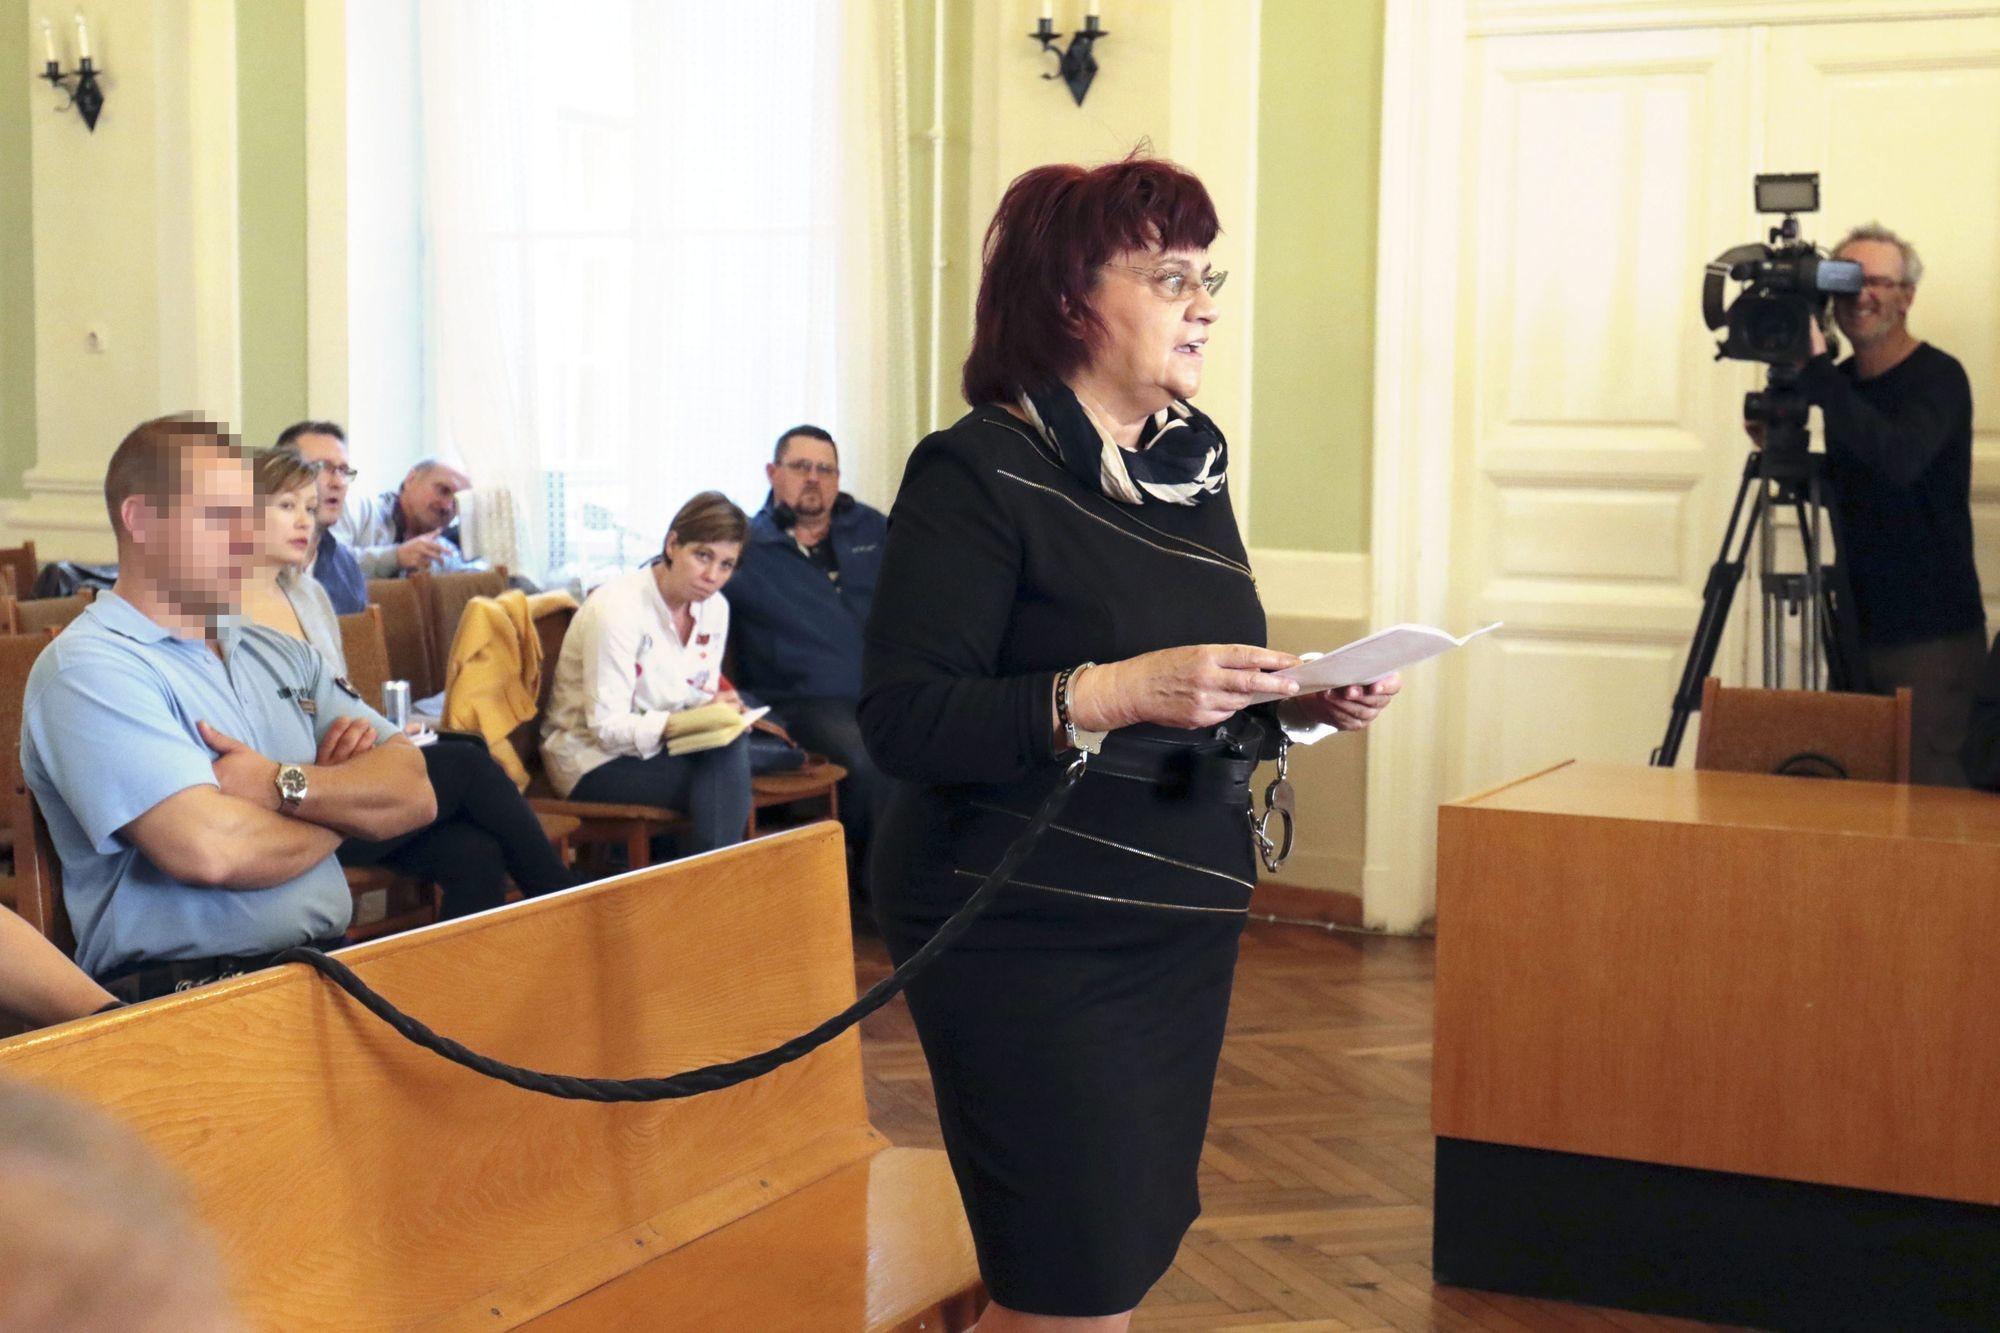 Megkezdődött a karcagi álbróker büntetőpere Szolnokon